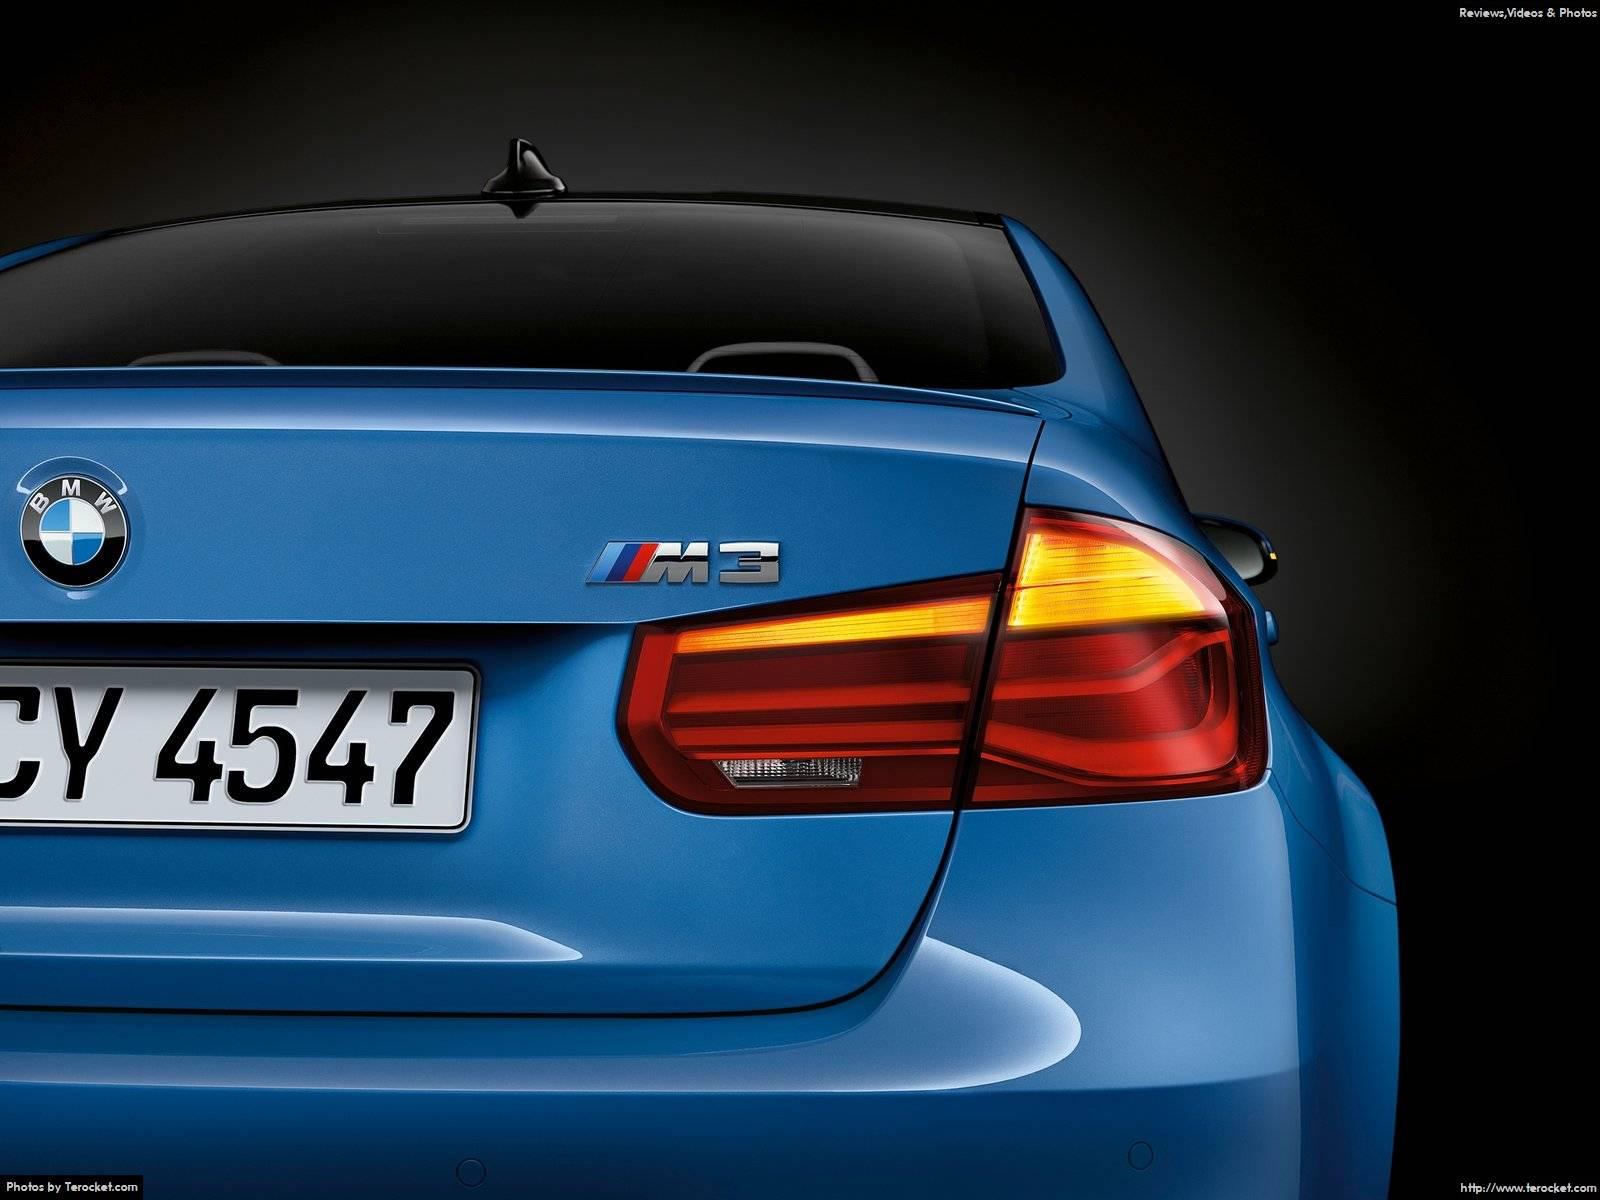 Hình ảnh xe ô tô BMW M3 Sedan 2016 & nội ngoại thất